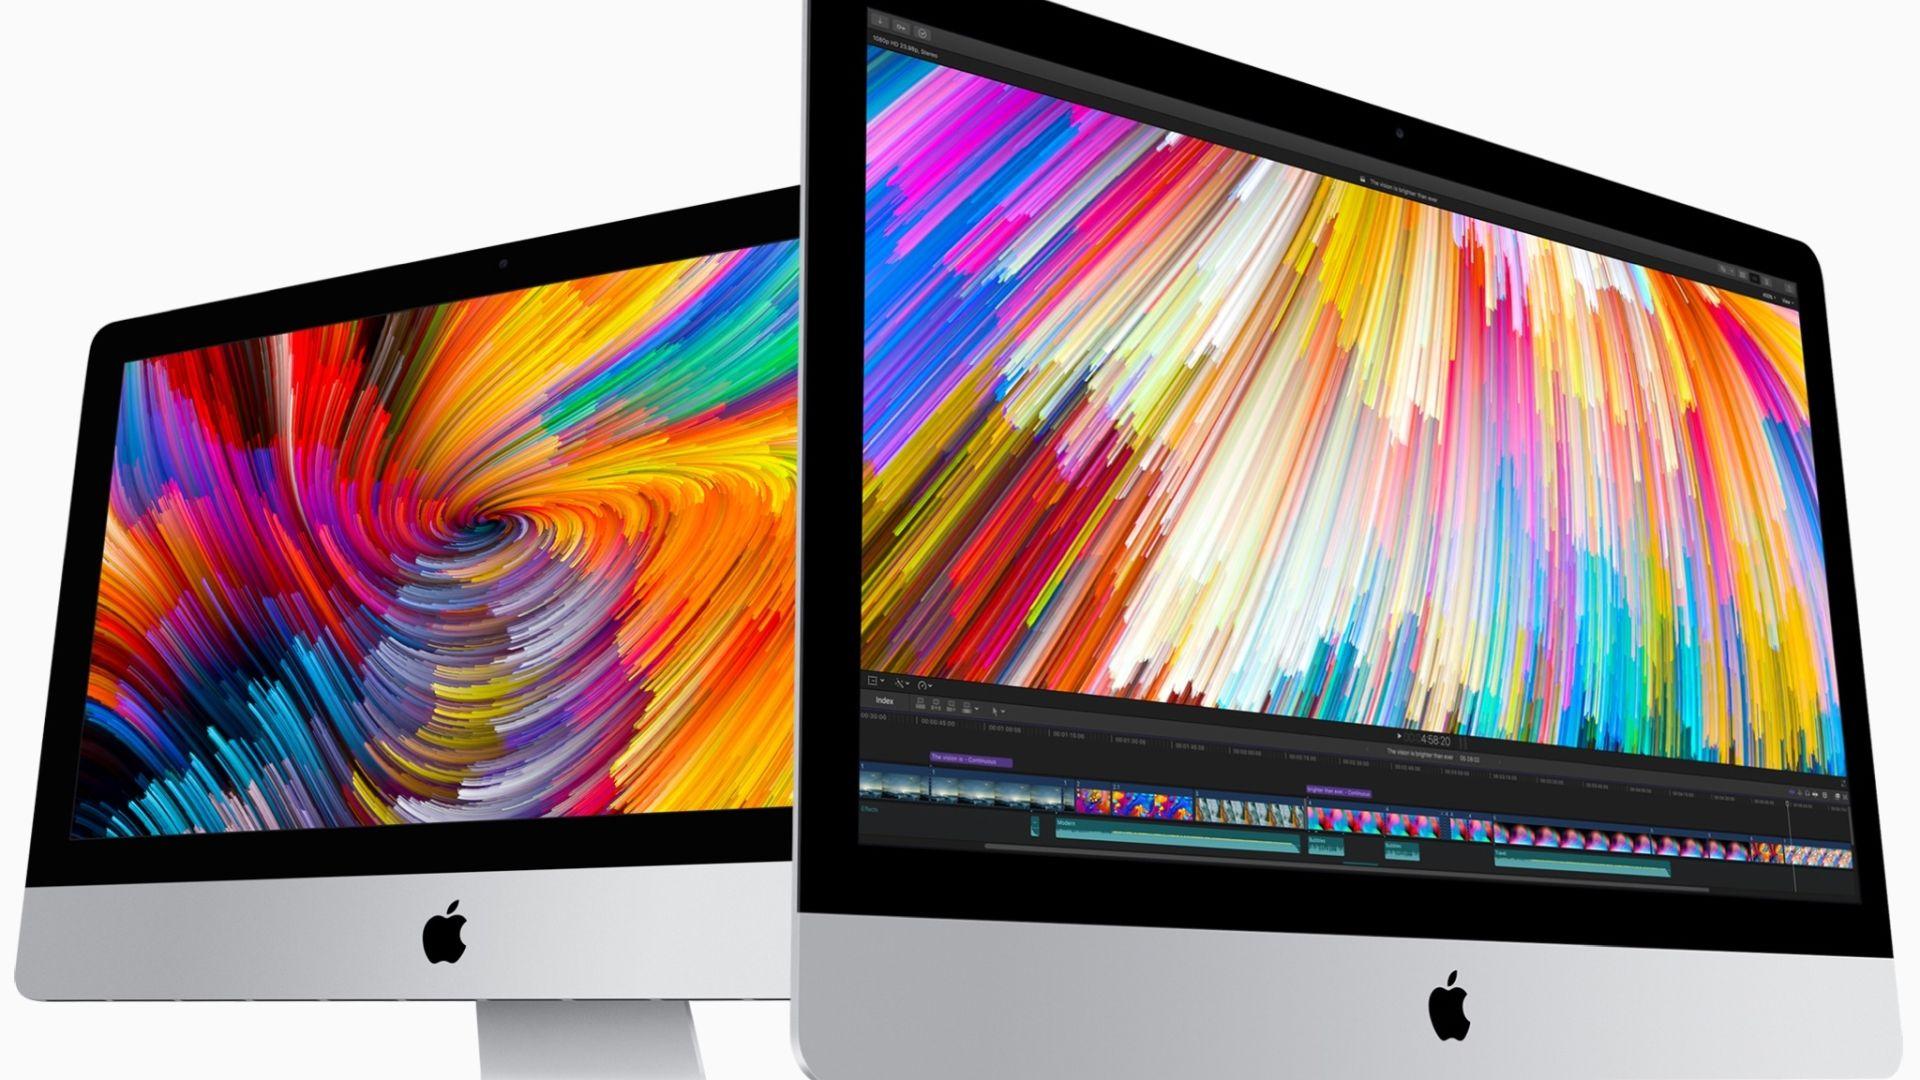 Jak rozpoznać, które to aplikacje 32-bitowe na komputerze Mac?